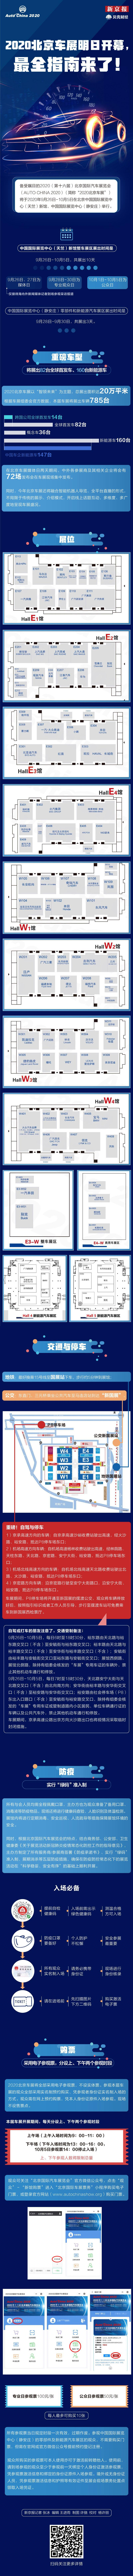 2020北京车展明日开幕,最全指南来了!图片